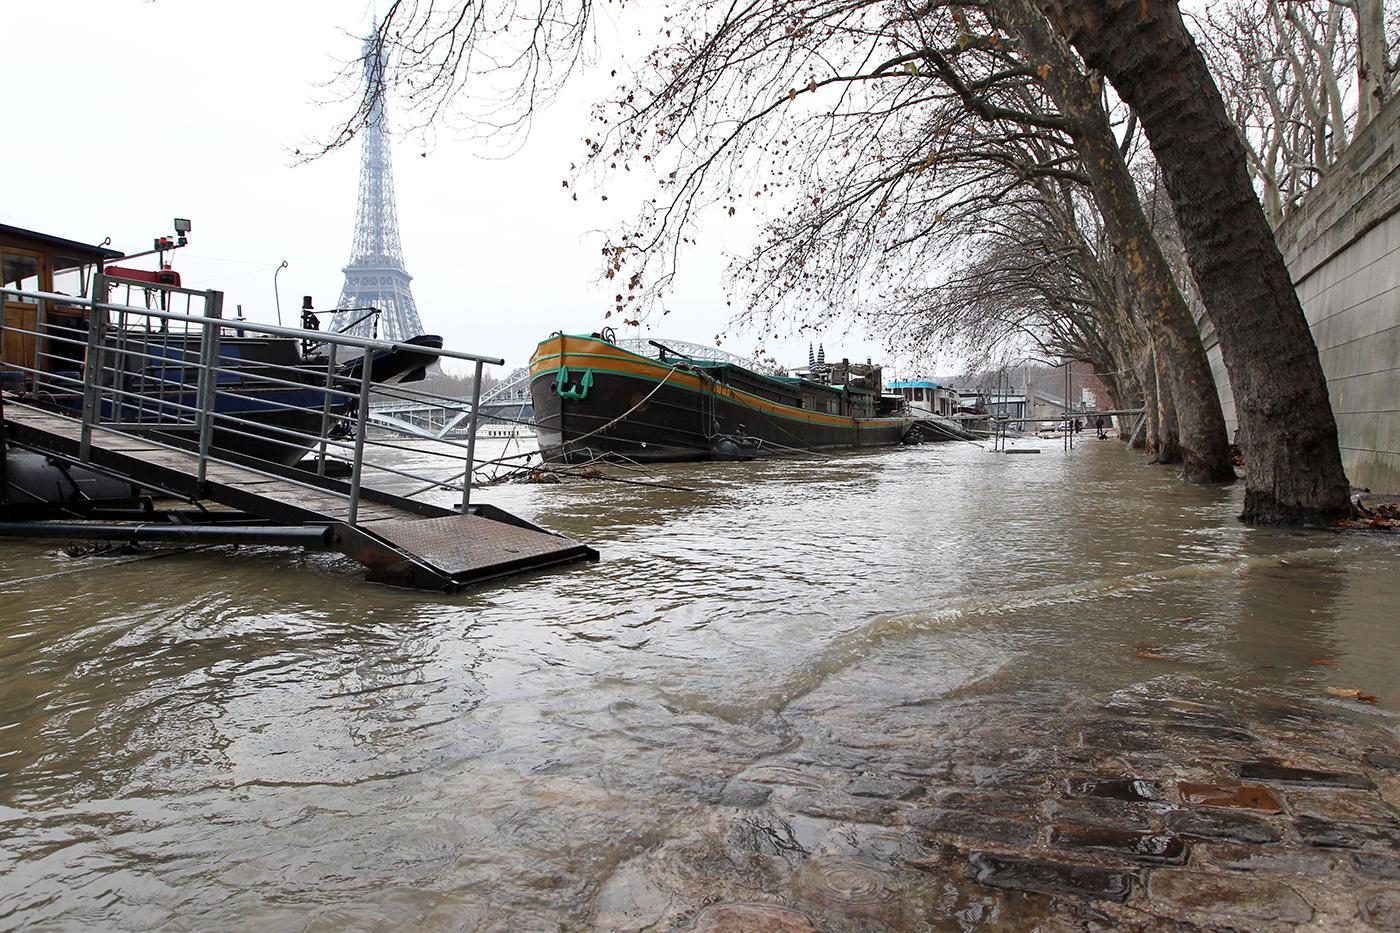 Eau, électricité, télécoms... : le quotidien en cas de crue majeure de la Seine